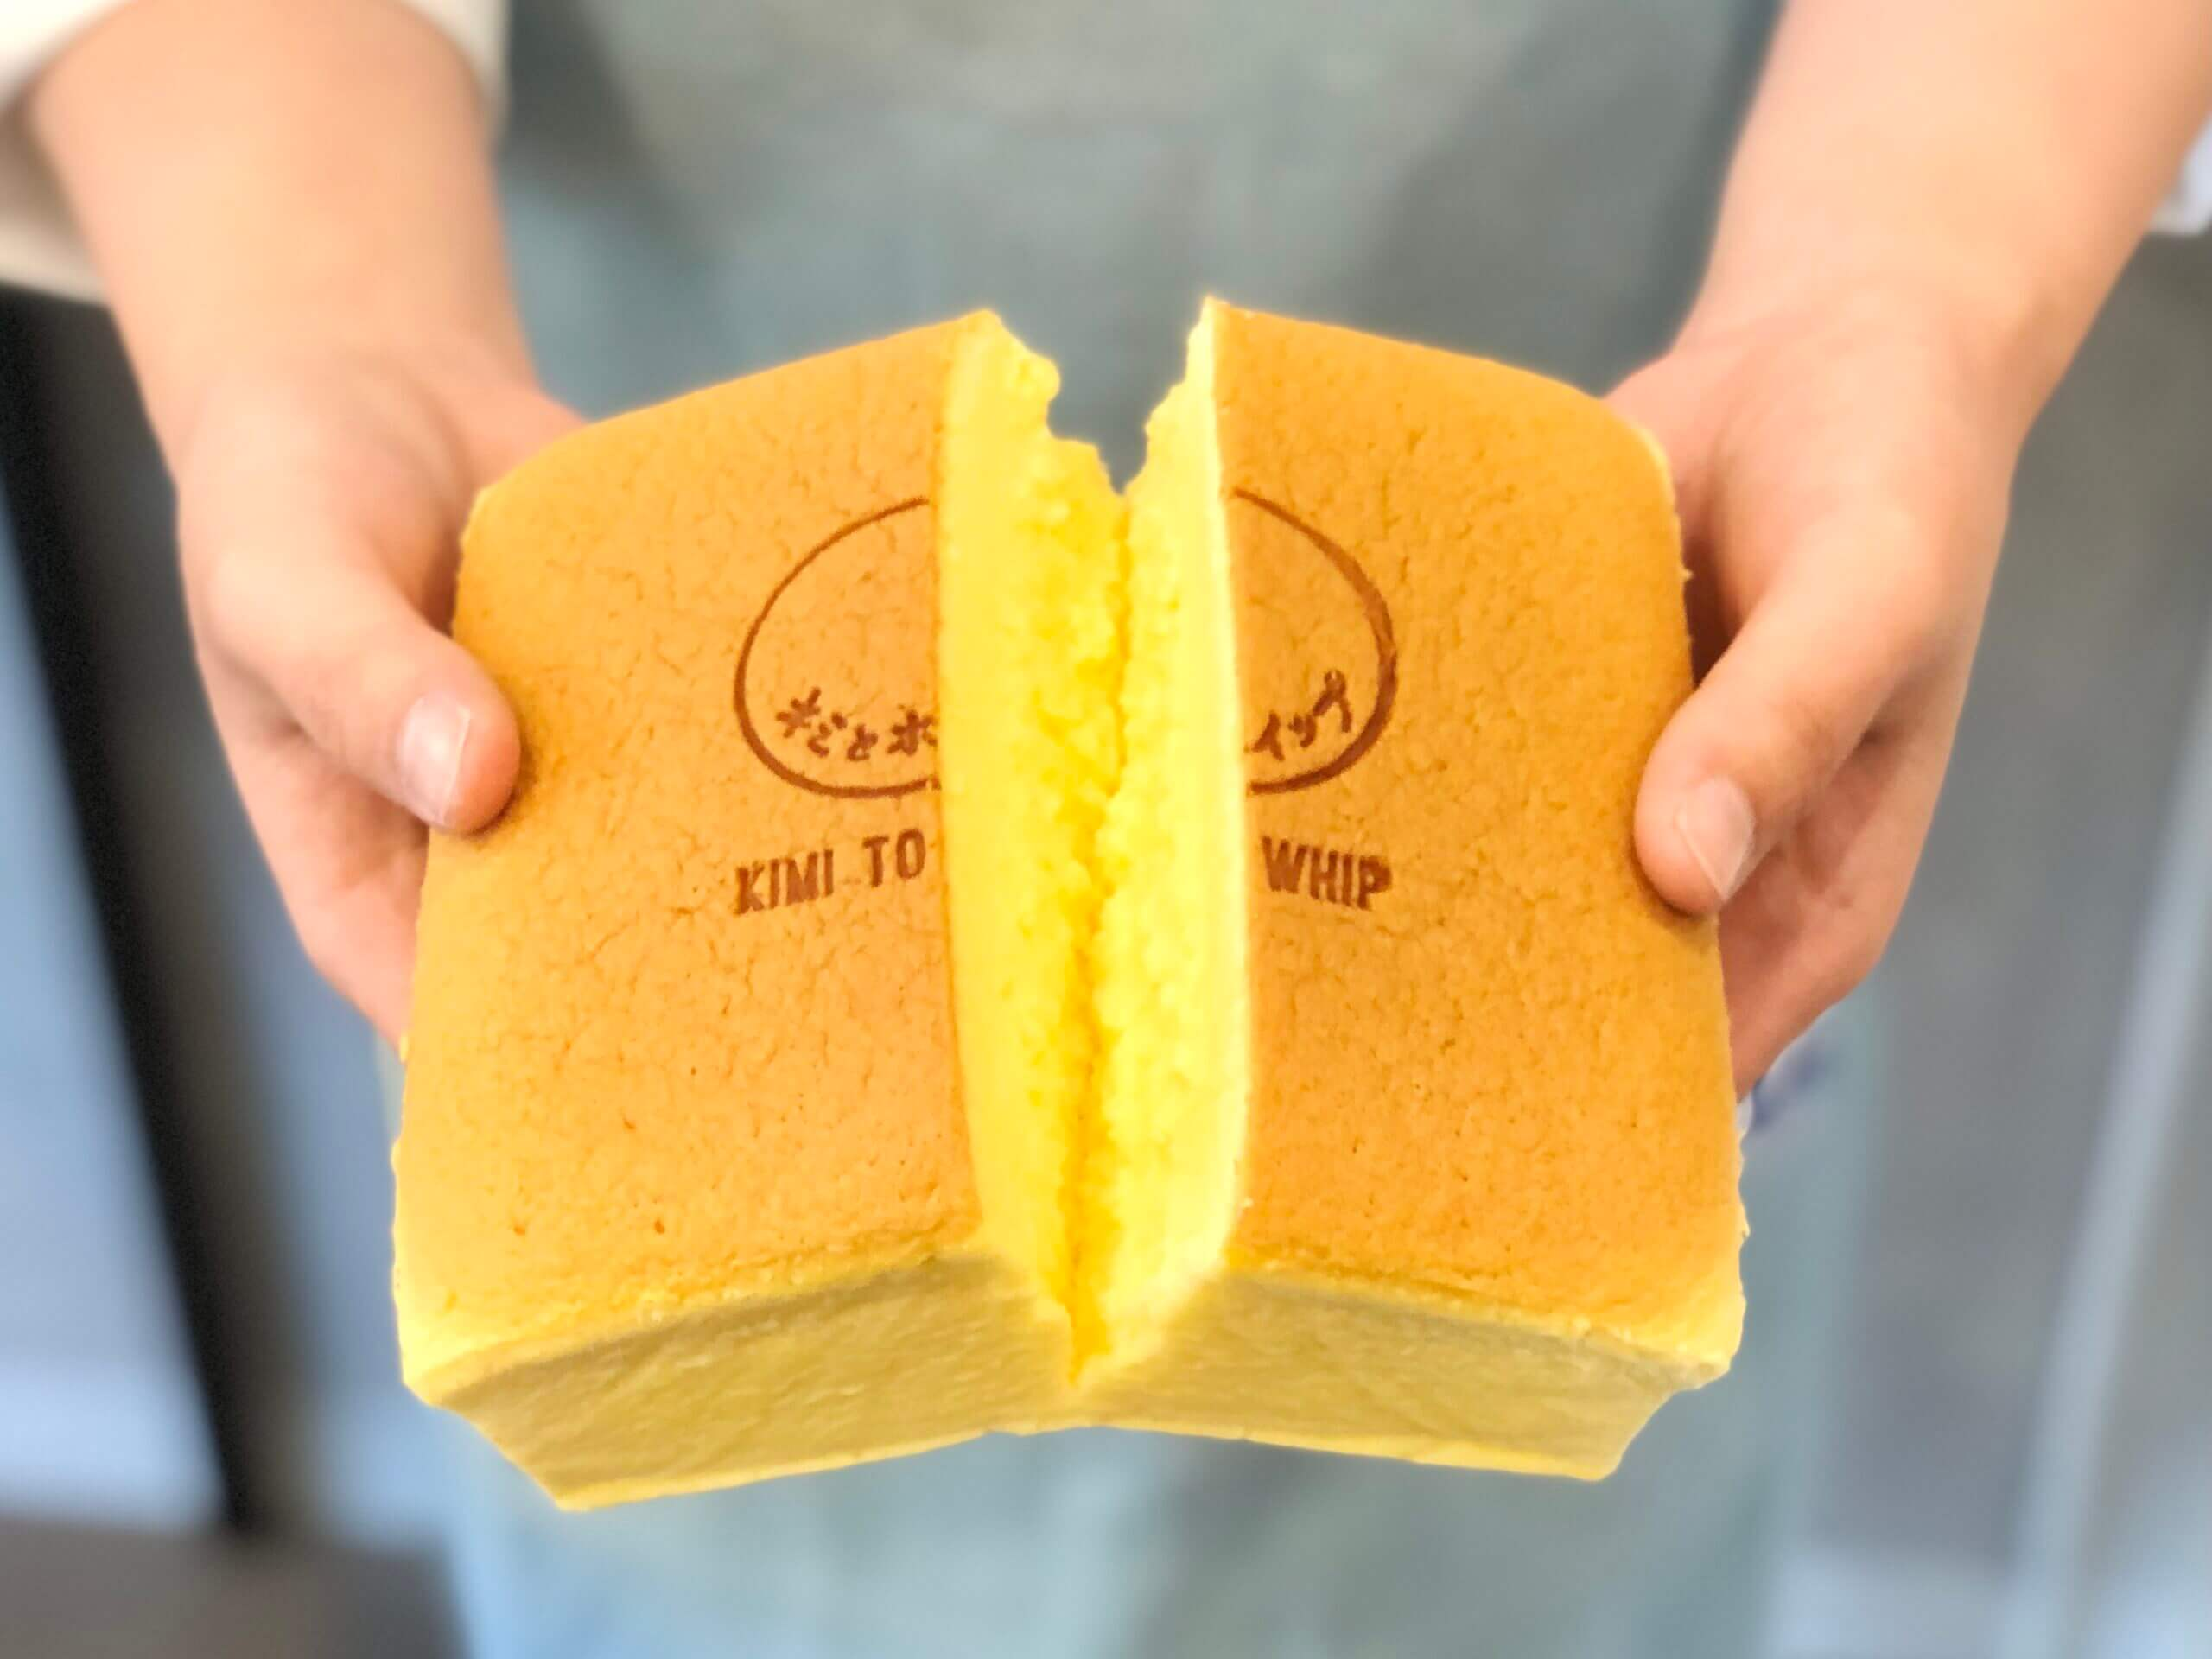 【純生カステラ キミとホイップ】6/2 OPEN!! 素材の味が楽しめる新食感カステラ《熊本市南区田迎》